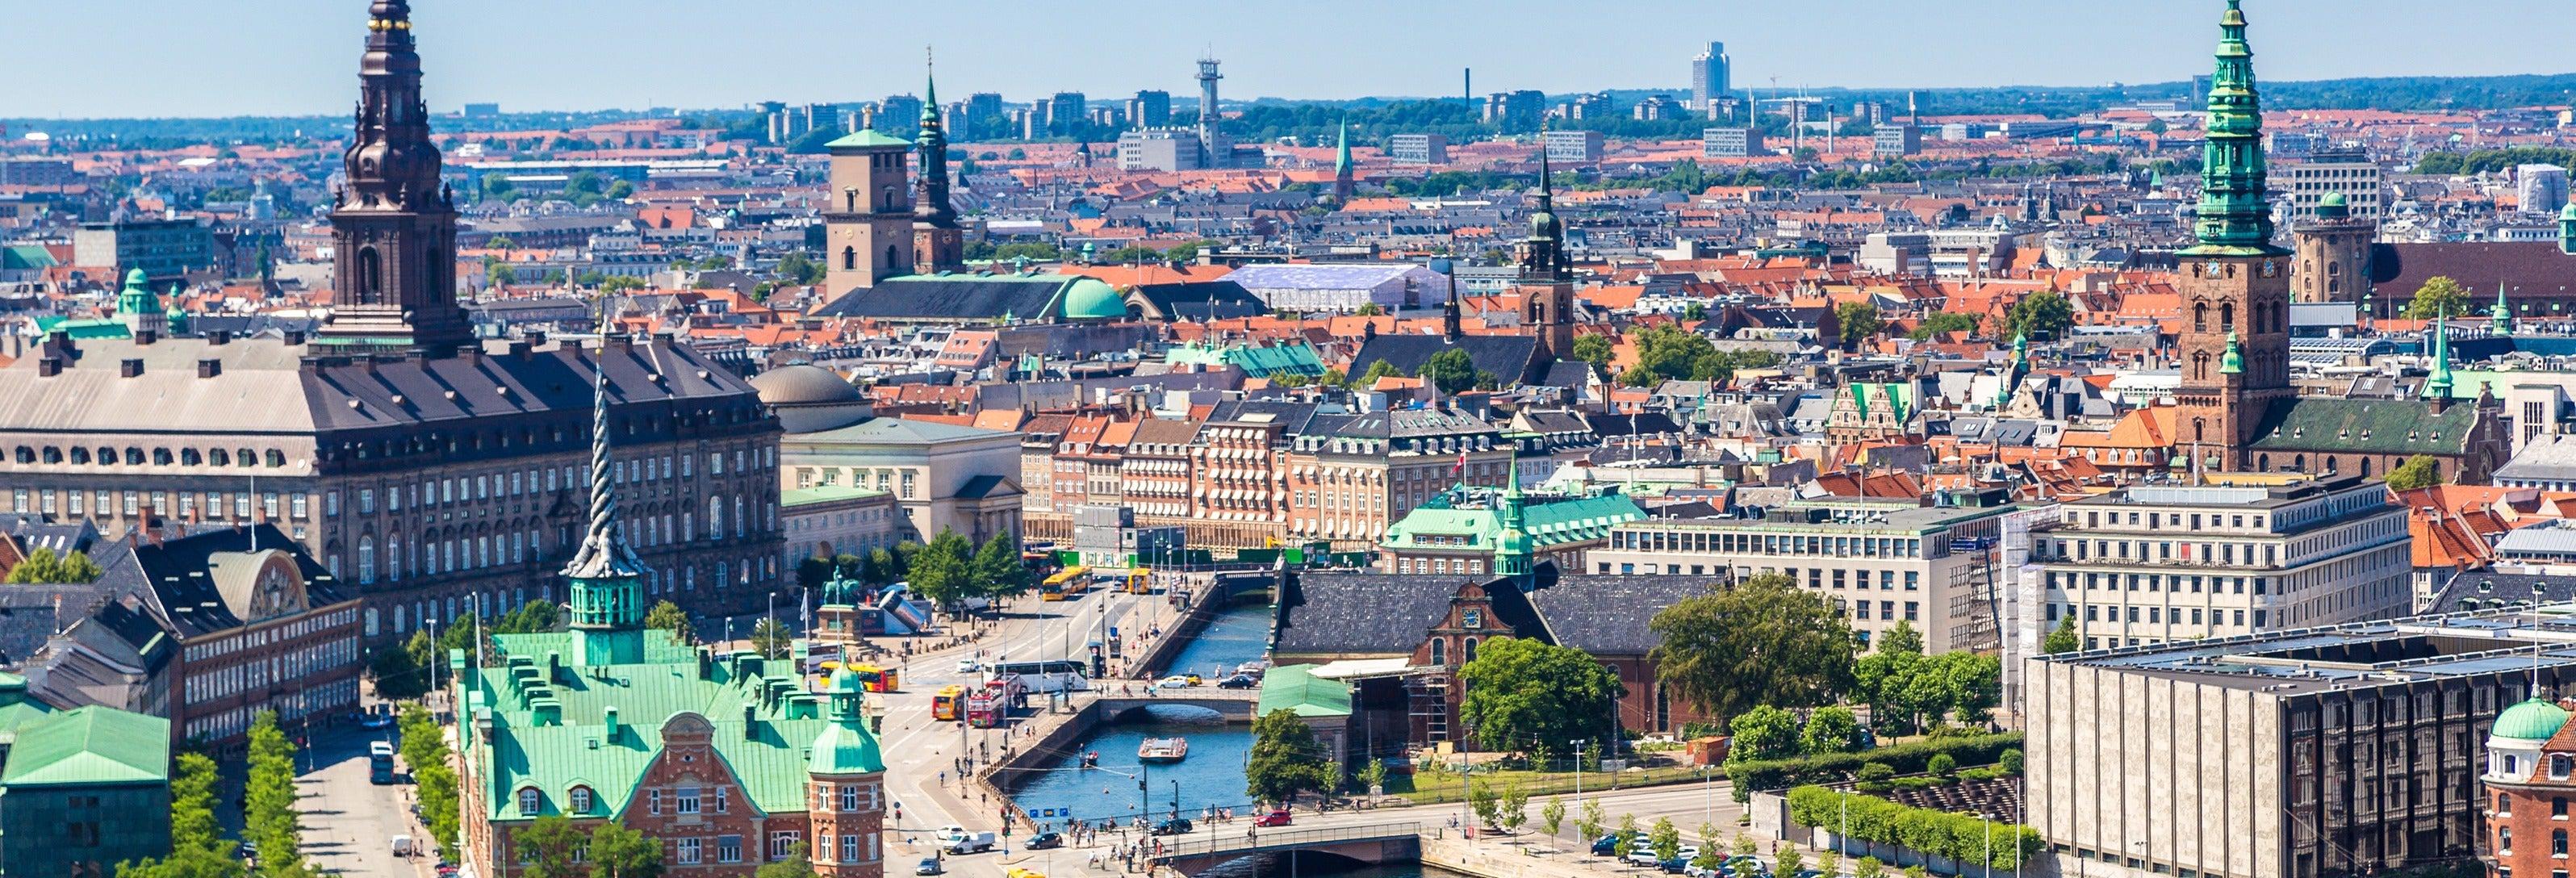 Tour panorámico por Copenhague + Entrada a Jardines Tivoli